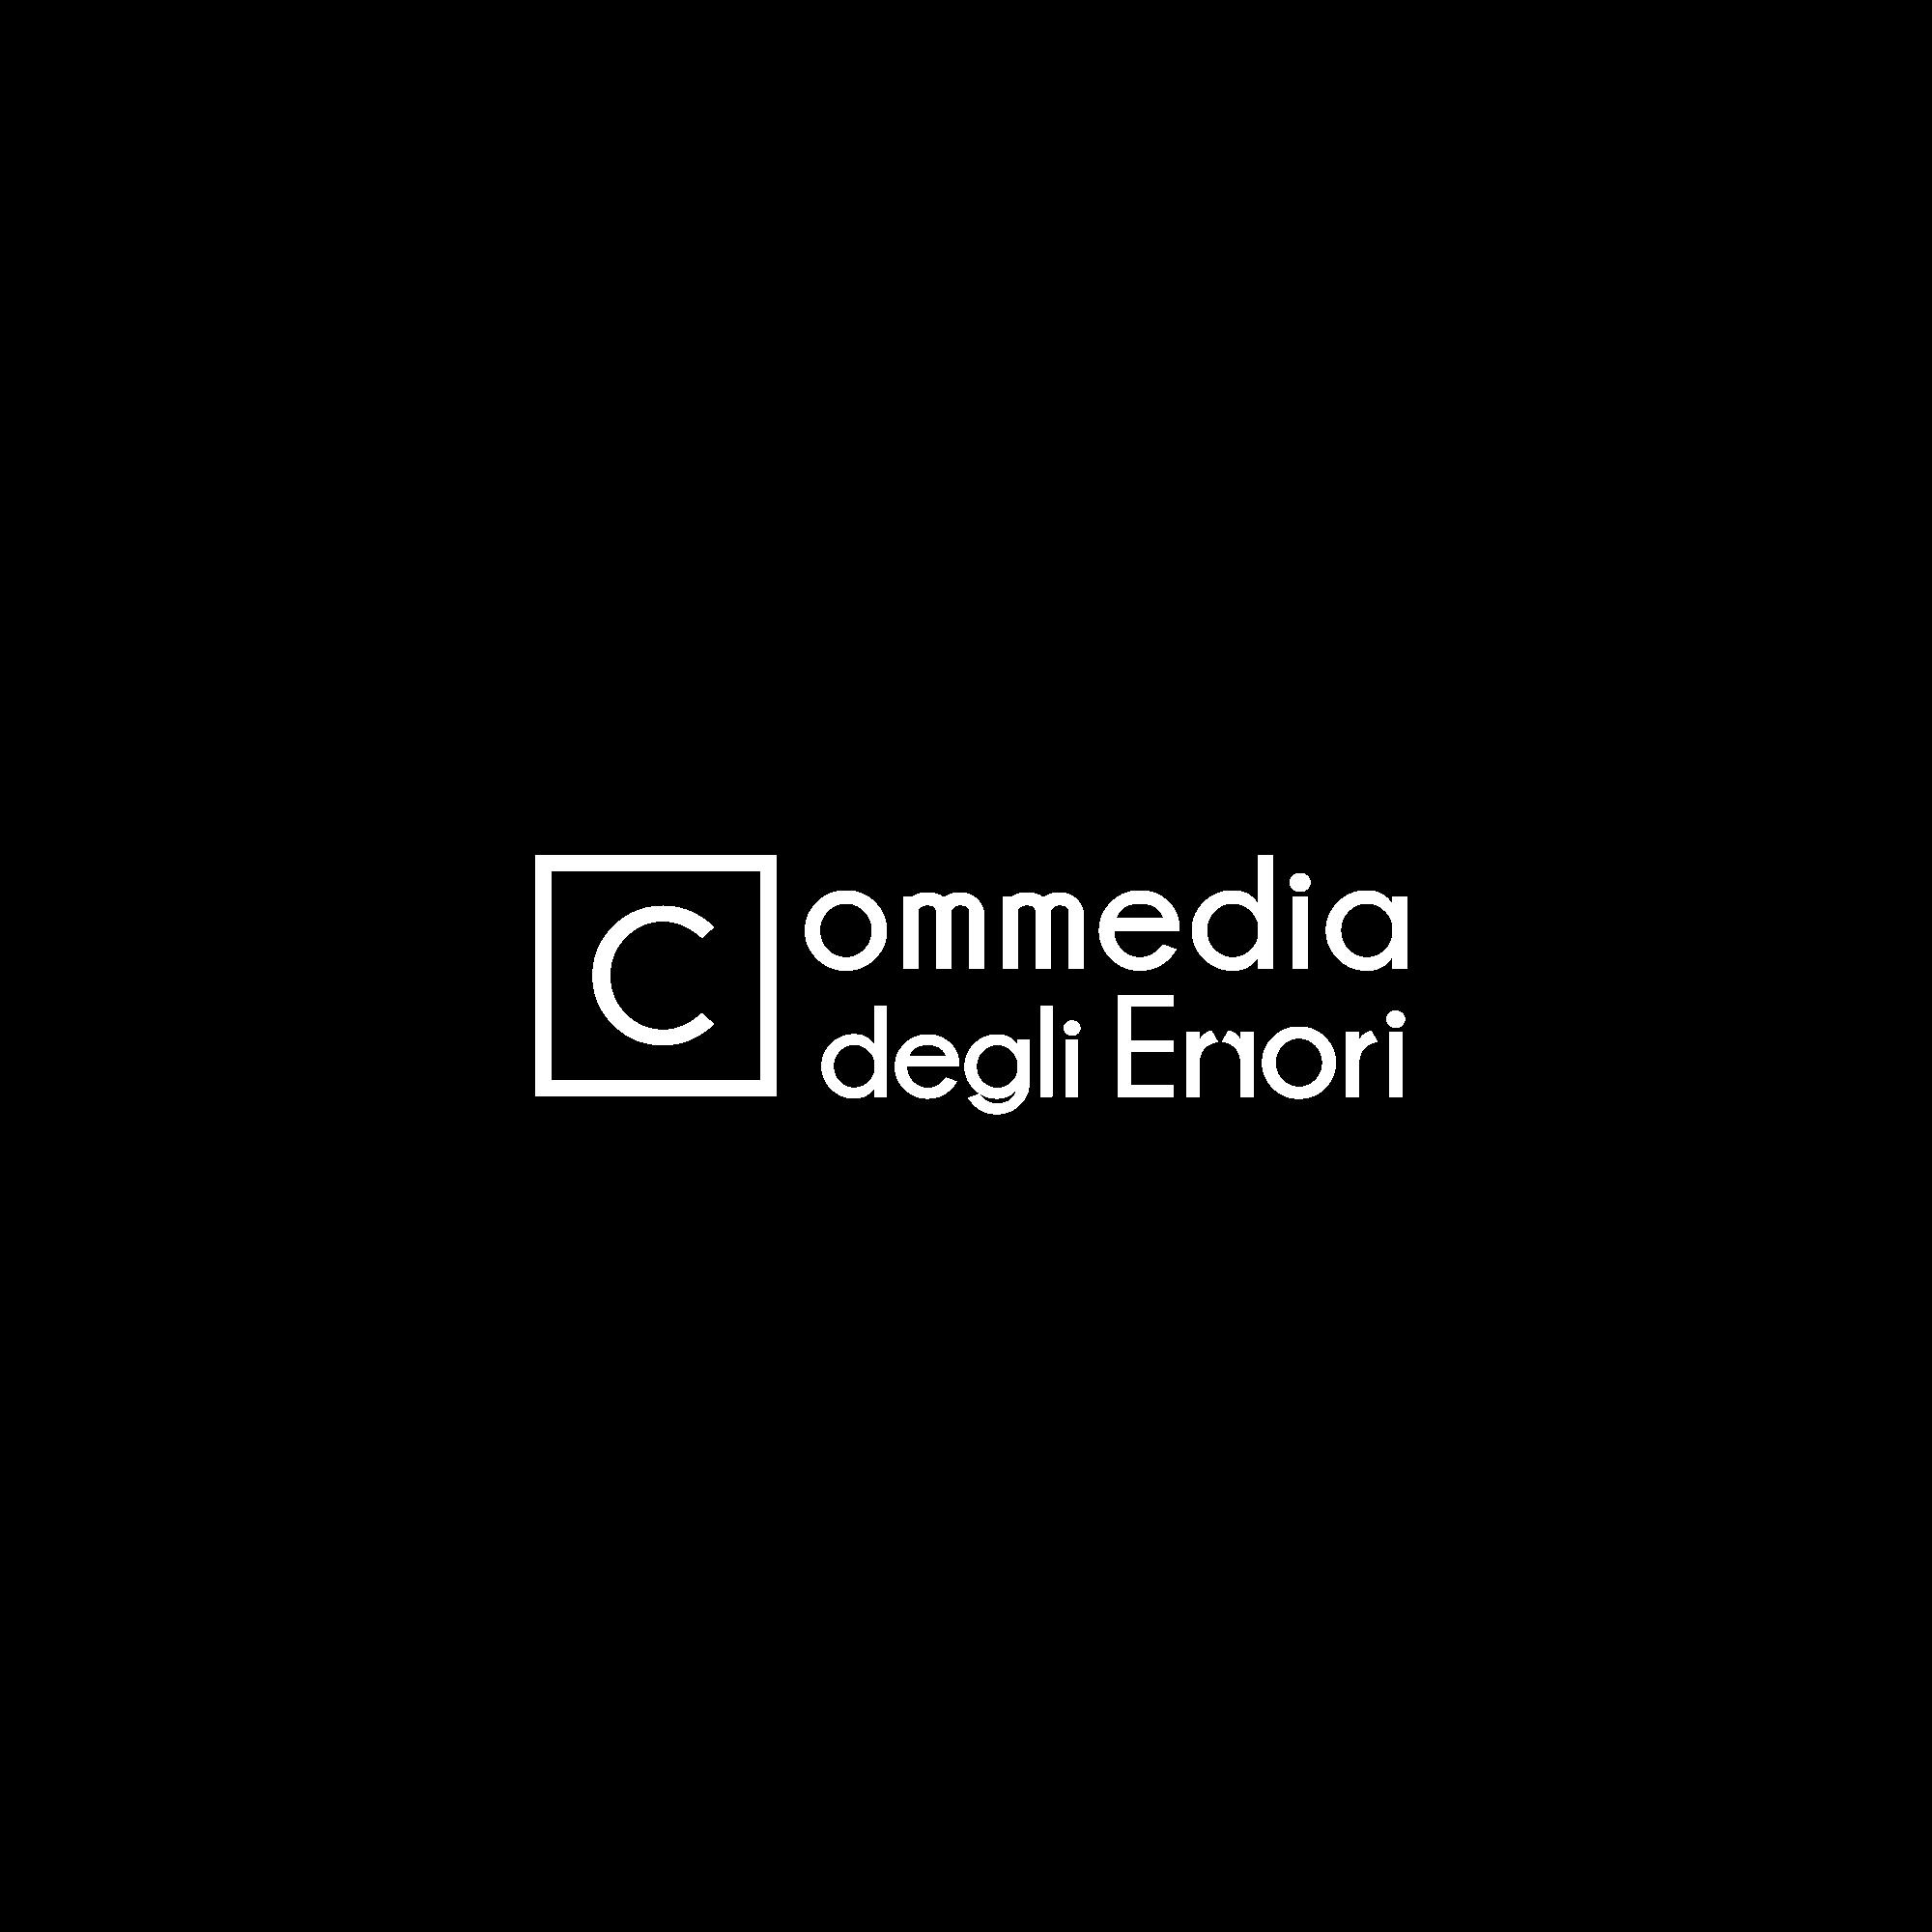 logo spettacolo Commedia degli errori